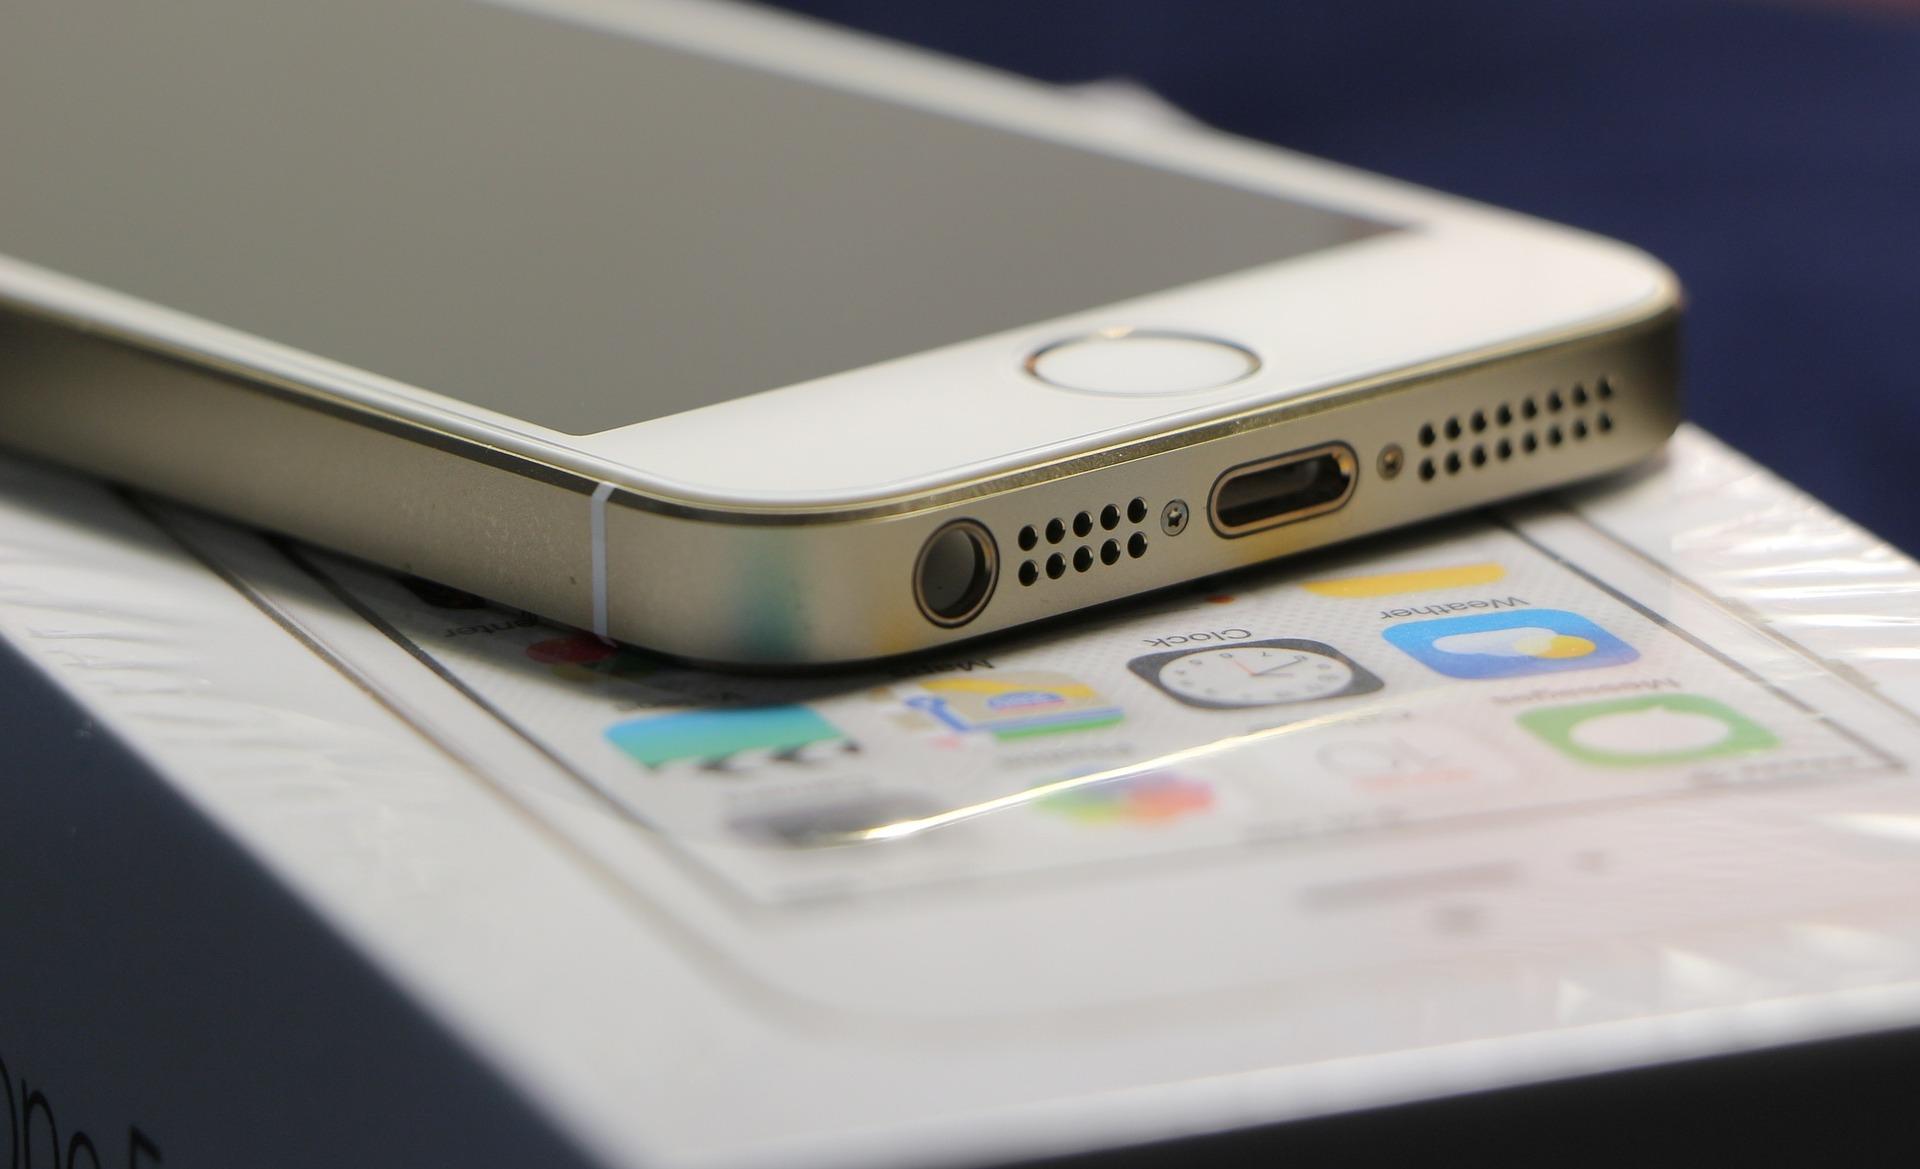 iPhoneの発熱対策に!iPhone用冷却ファンのおすすめ